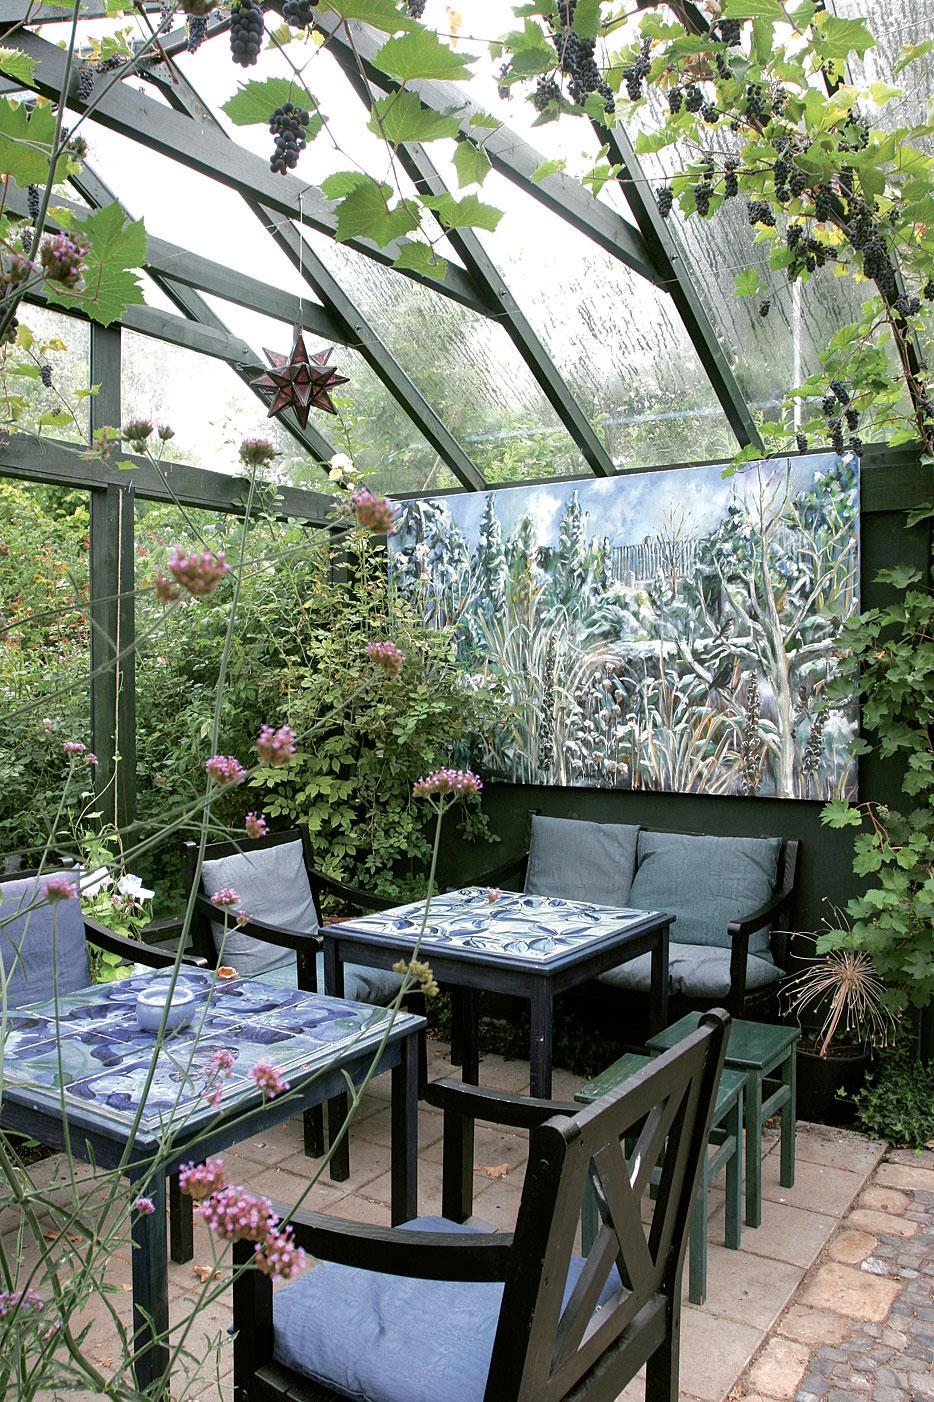 Kasvihuone voi olla näinkin viihtyisä. Etualalla kukkii jättiverbena (Verbena bonariensis), katosta roikkuvat kypsät viinirypäletertut (Vitis vinifera).